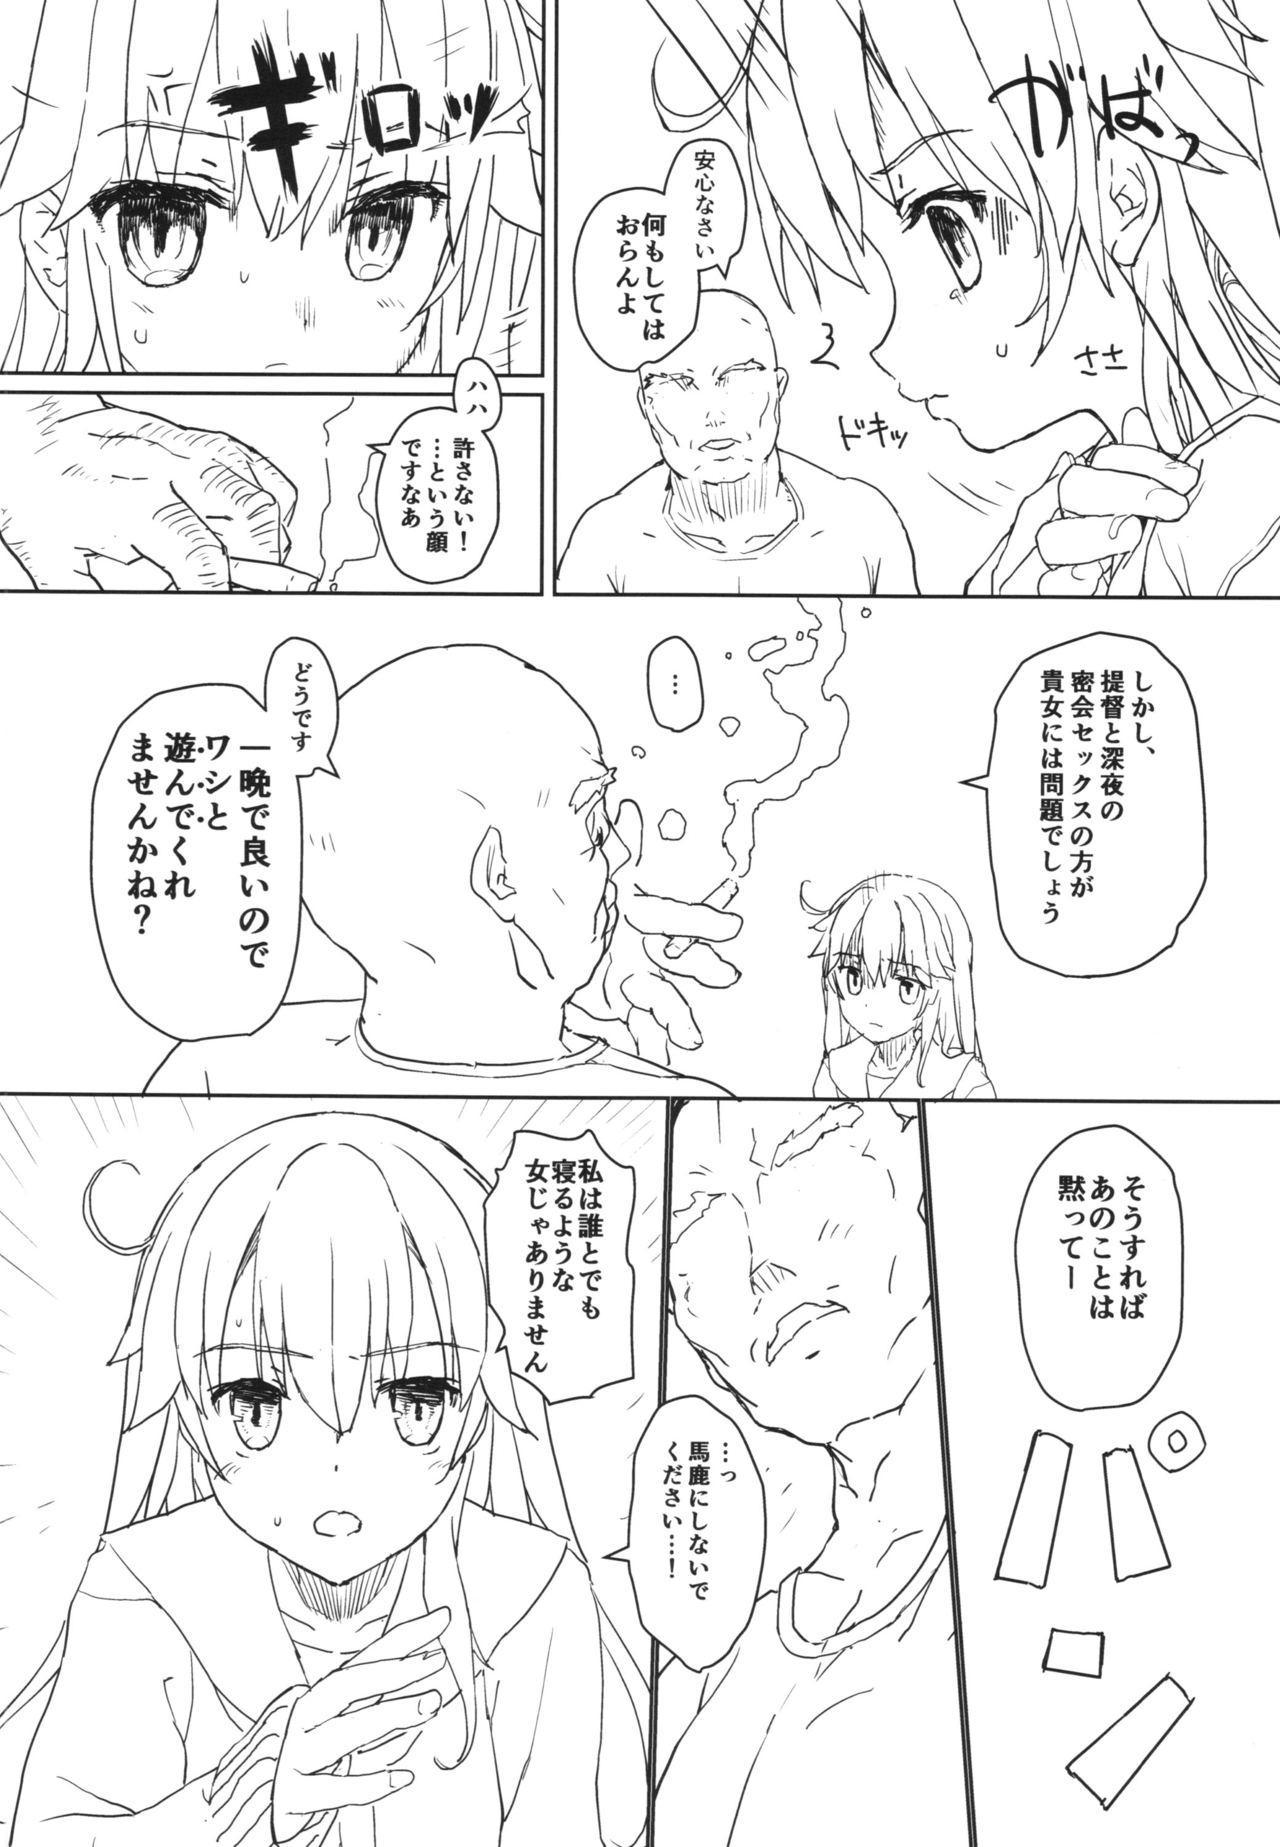 Ushio no Onsen Kuchikukan 13